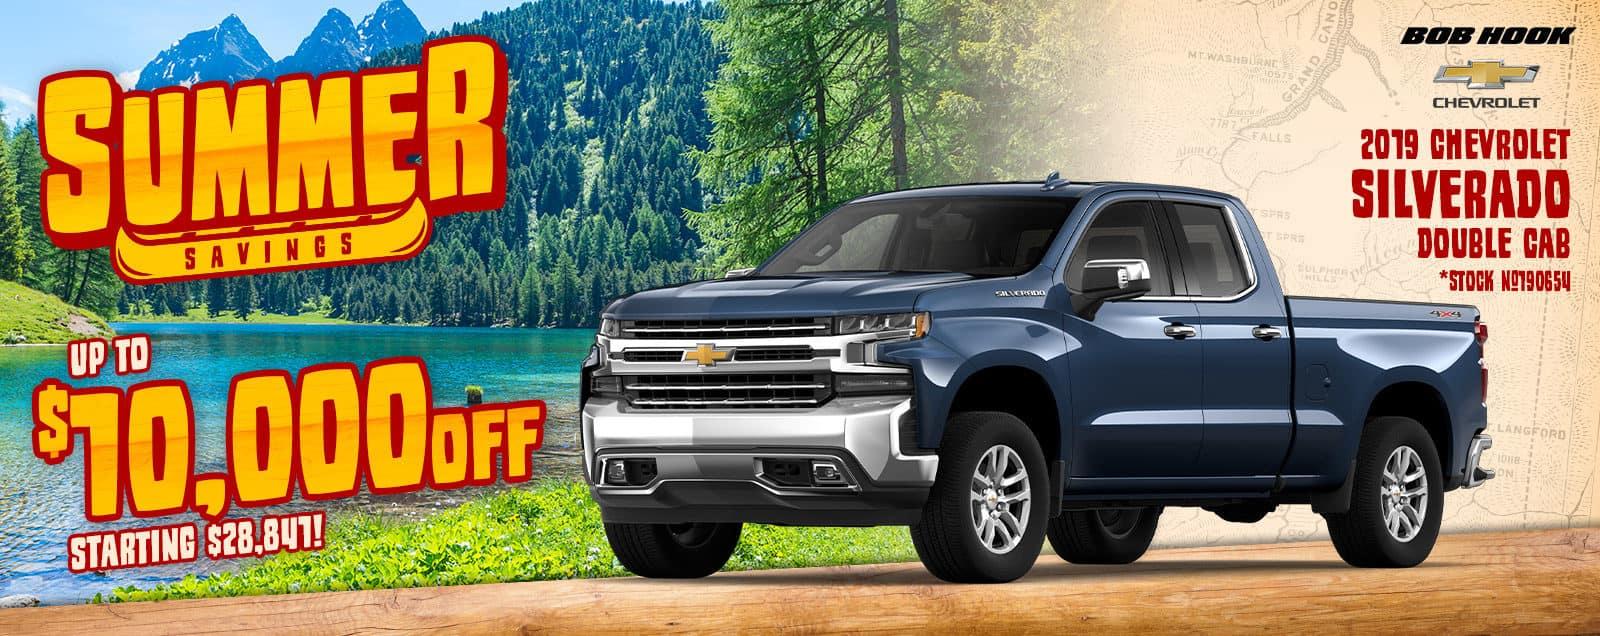 2019 Chevrolet Silverado Deals & Sales